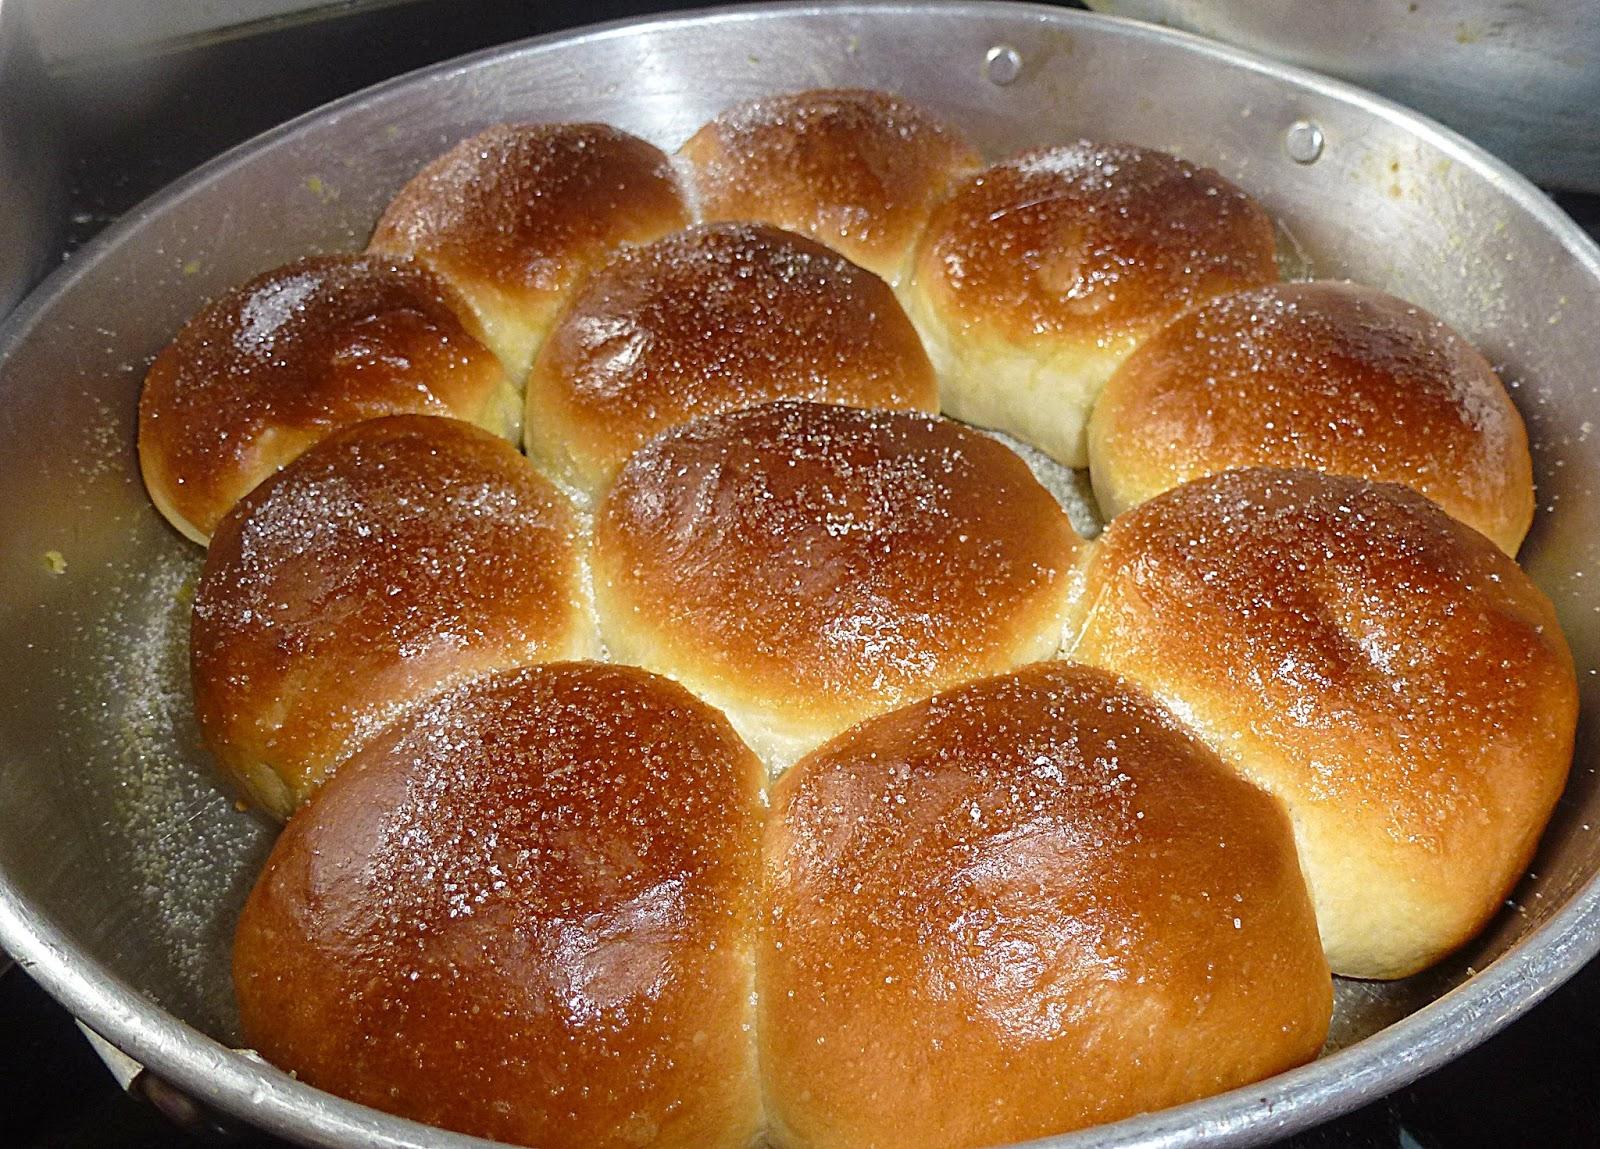 Tertunailah Hasrat Di Hati: Resepi Roti Naik Pahang/ Roti Lembut Sedap